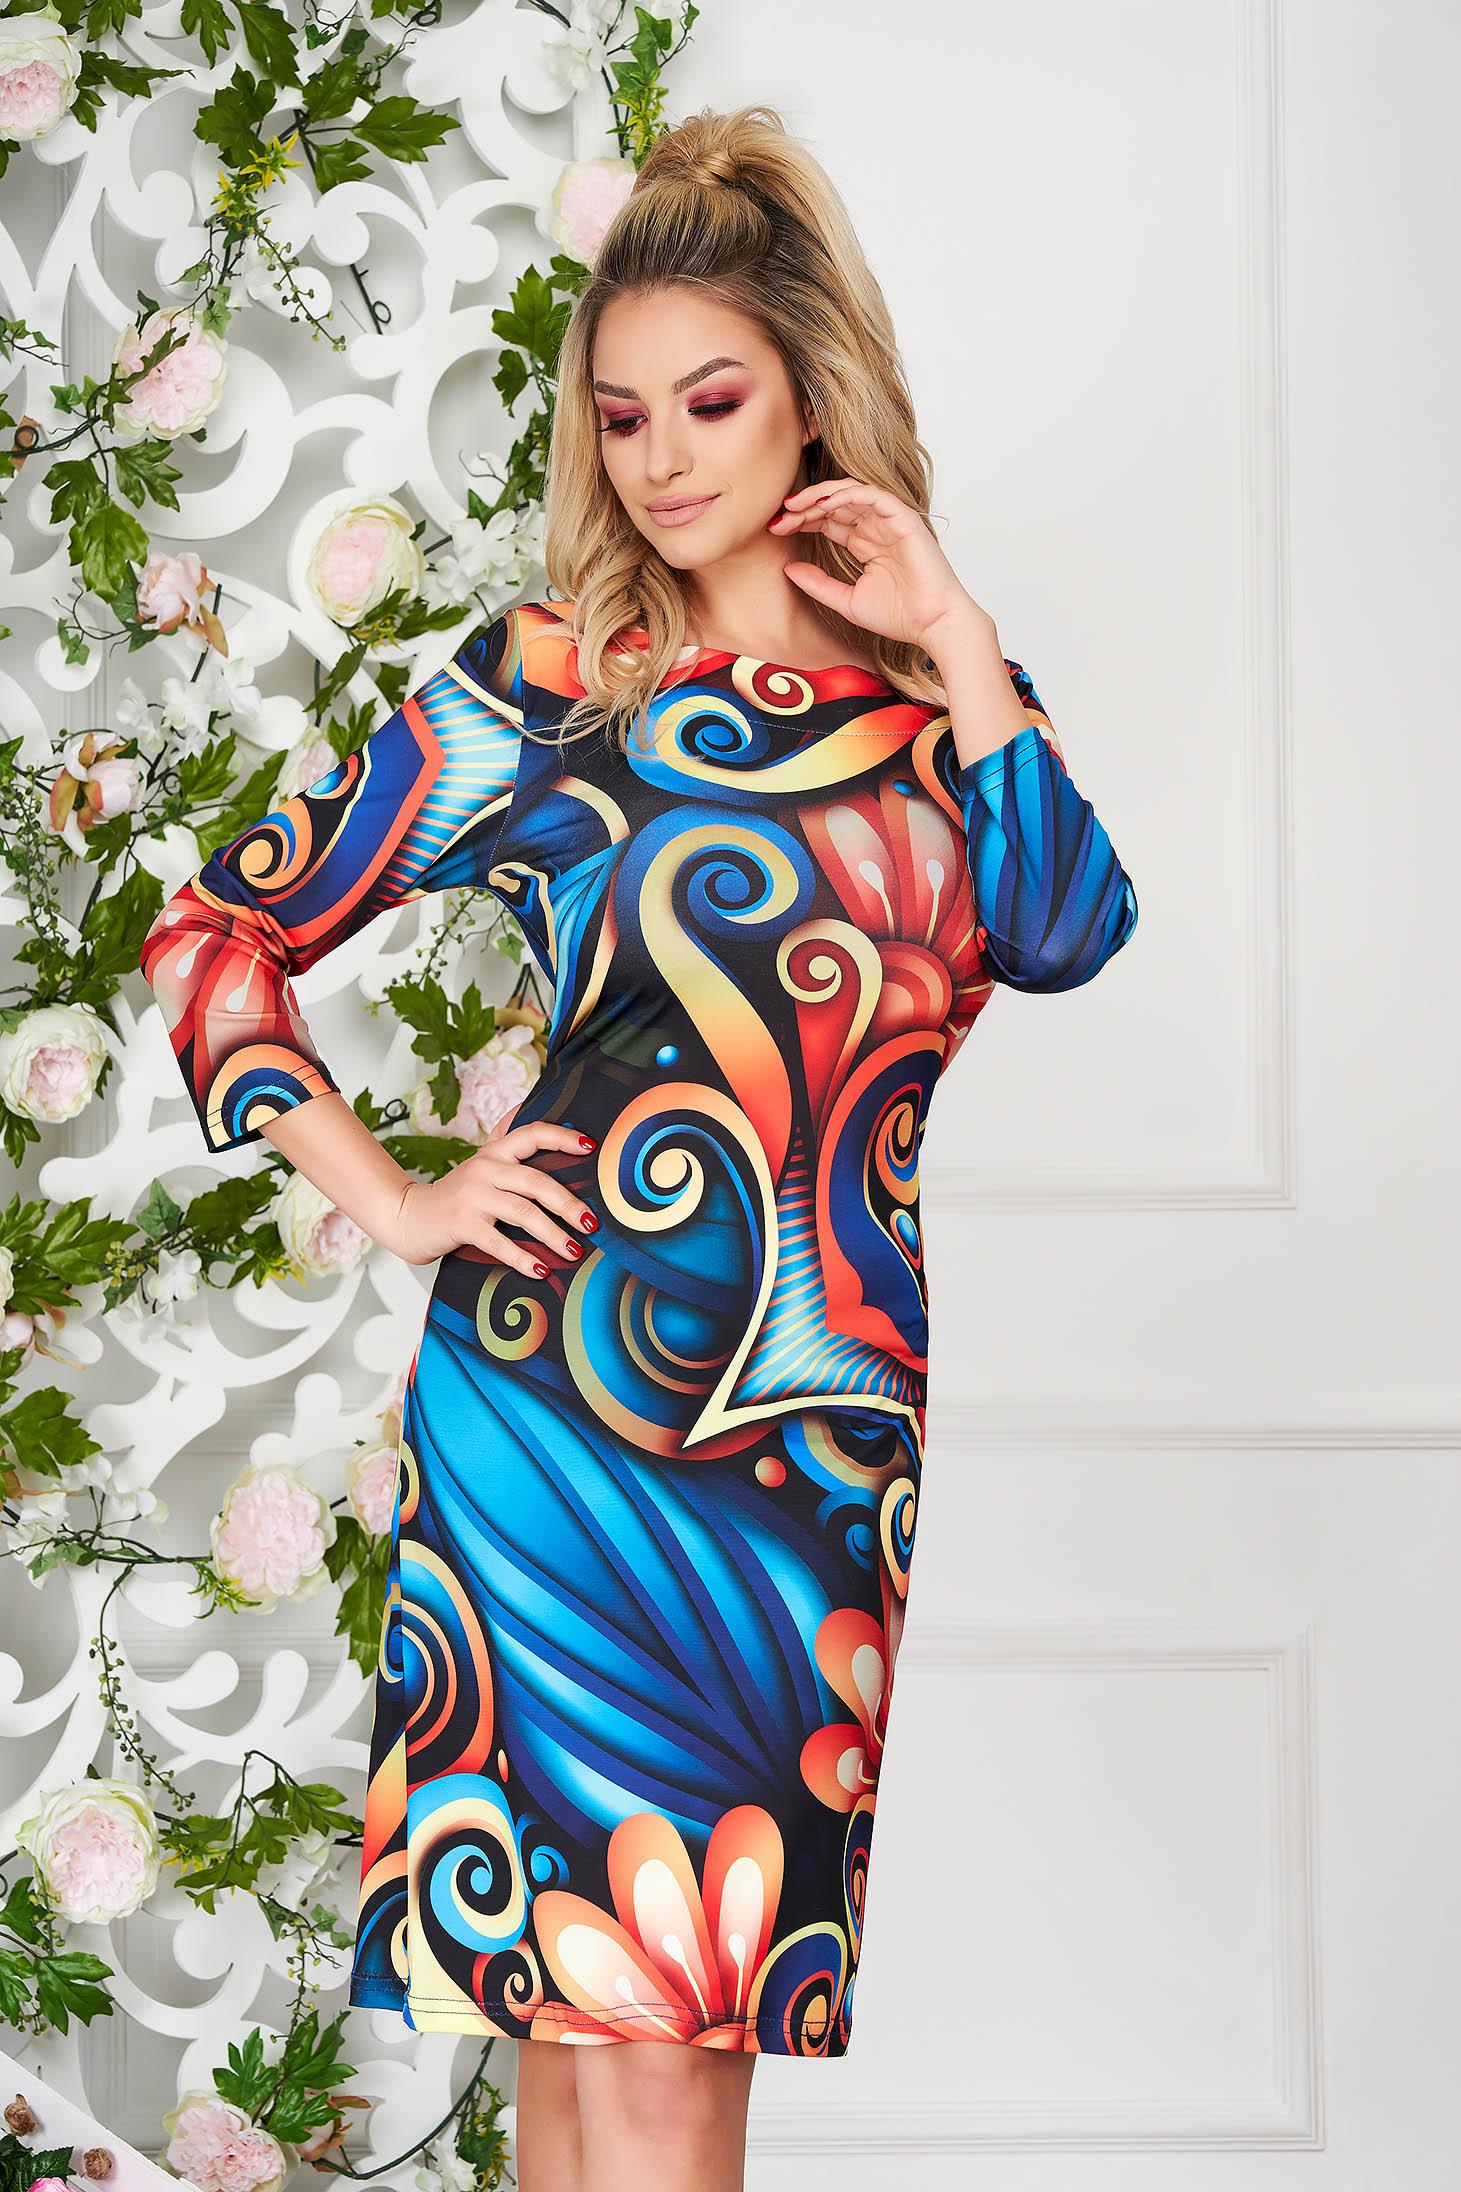 Kék elegáns hétköznapi midi ceruza ruha kerekített dekoltázssal grafikai díszítéssel